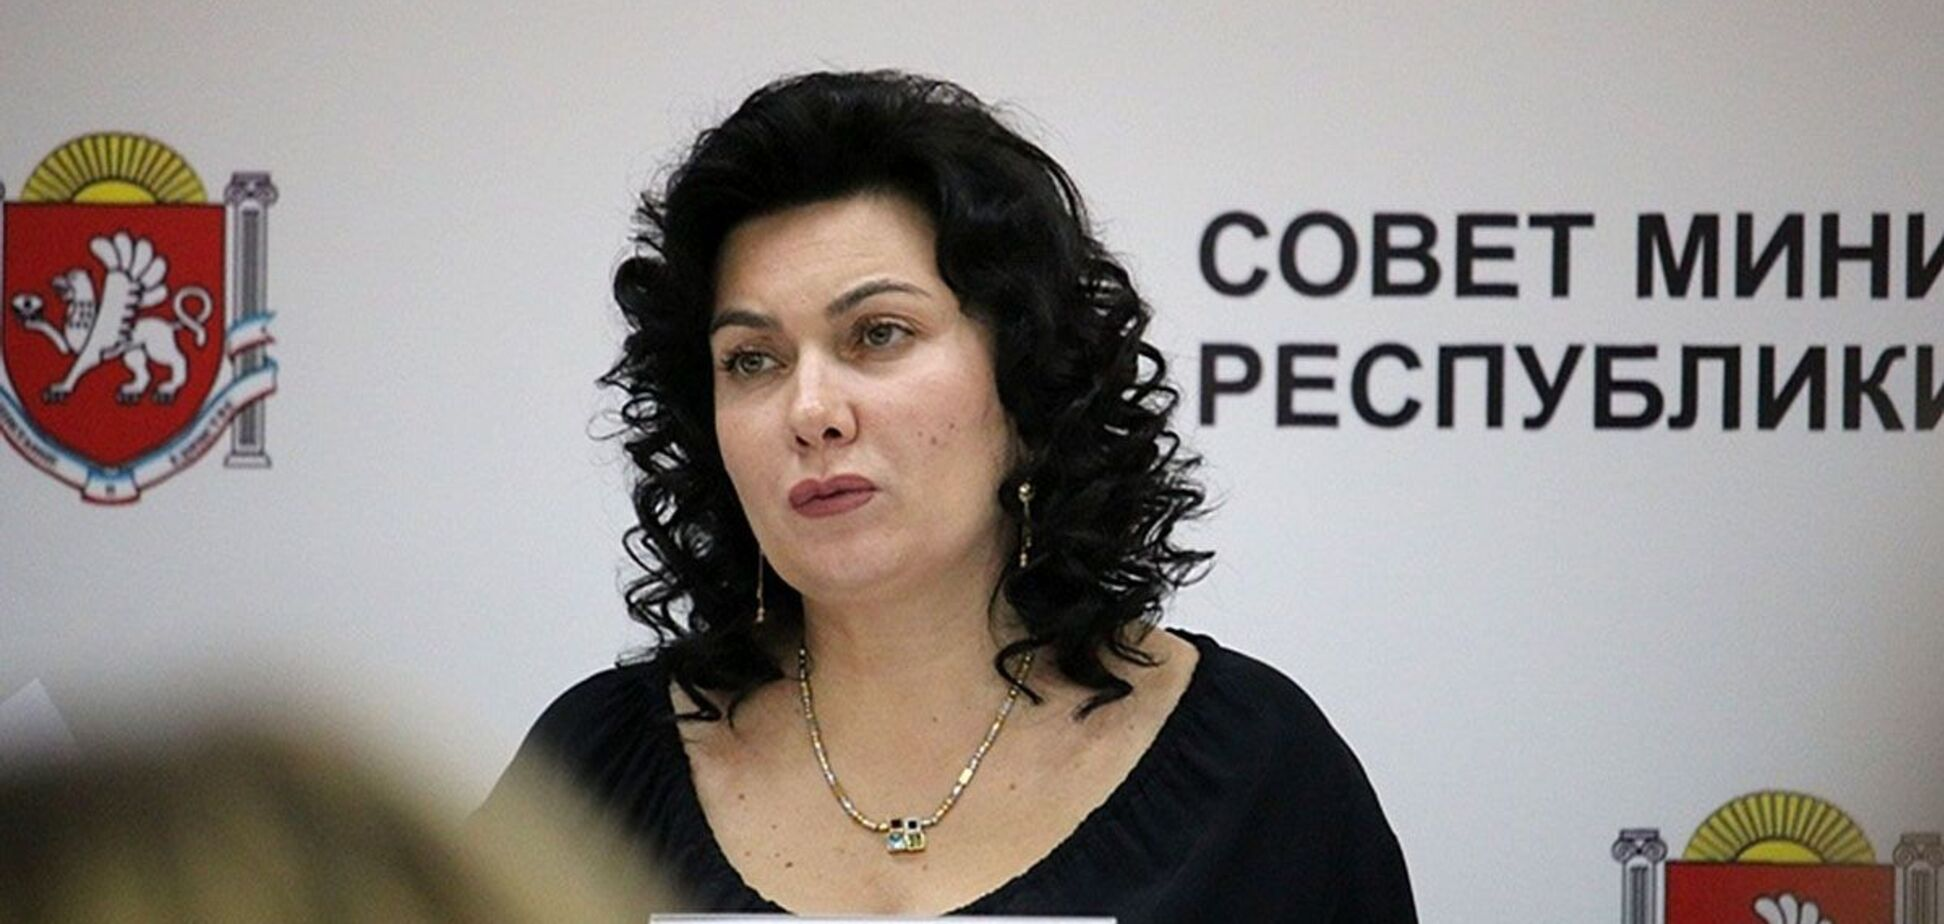 'Министр культуры Крыма' выругалась матом в прямом эфире. Курьезное видео 18+